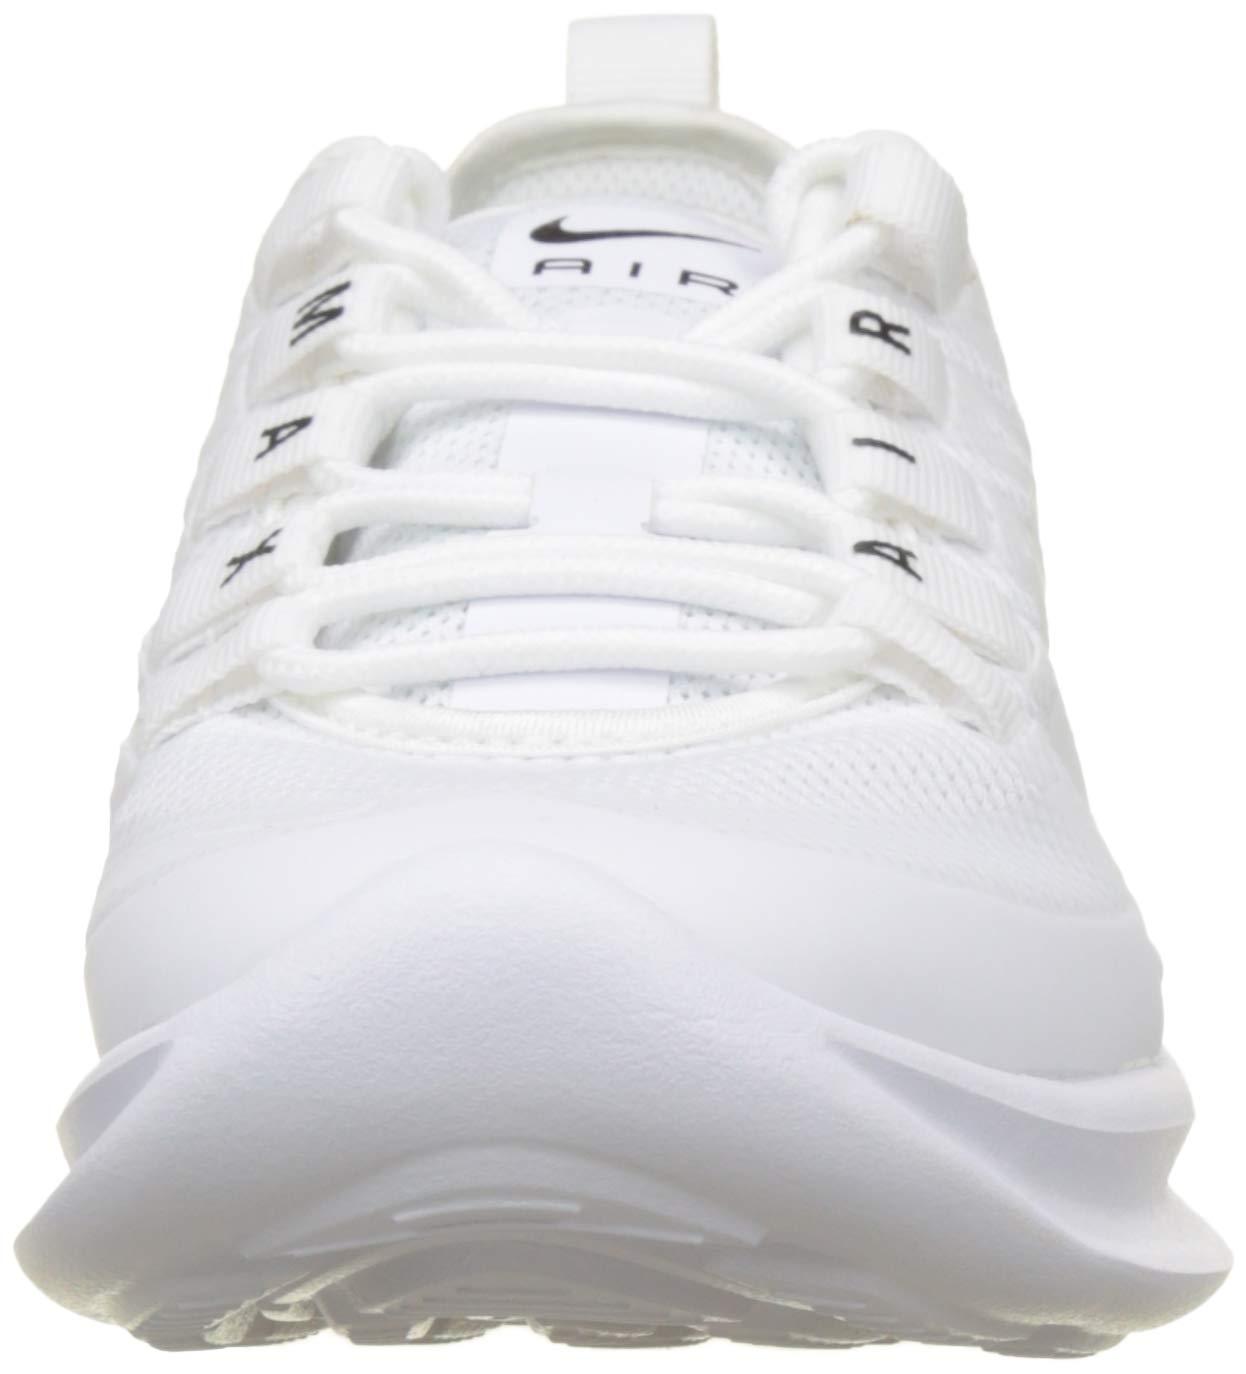 NIKE Laufschuhe Damen Air Max Axis Laufschuhe NIKE Weiß (White/White/Black 001) 43b9c7